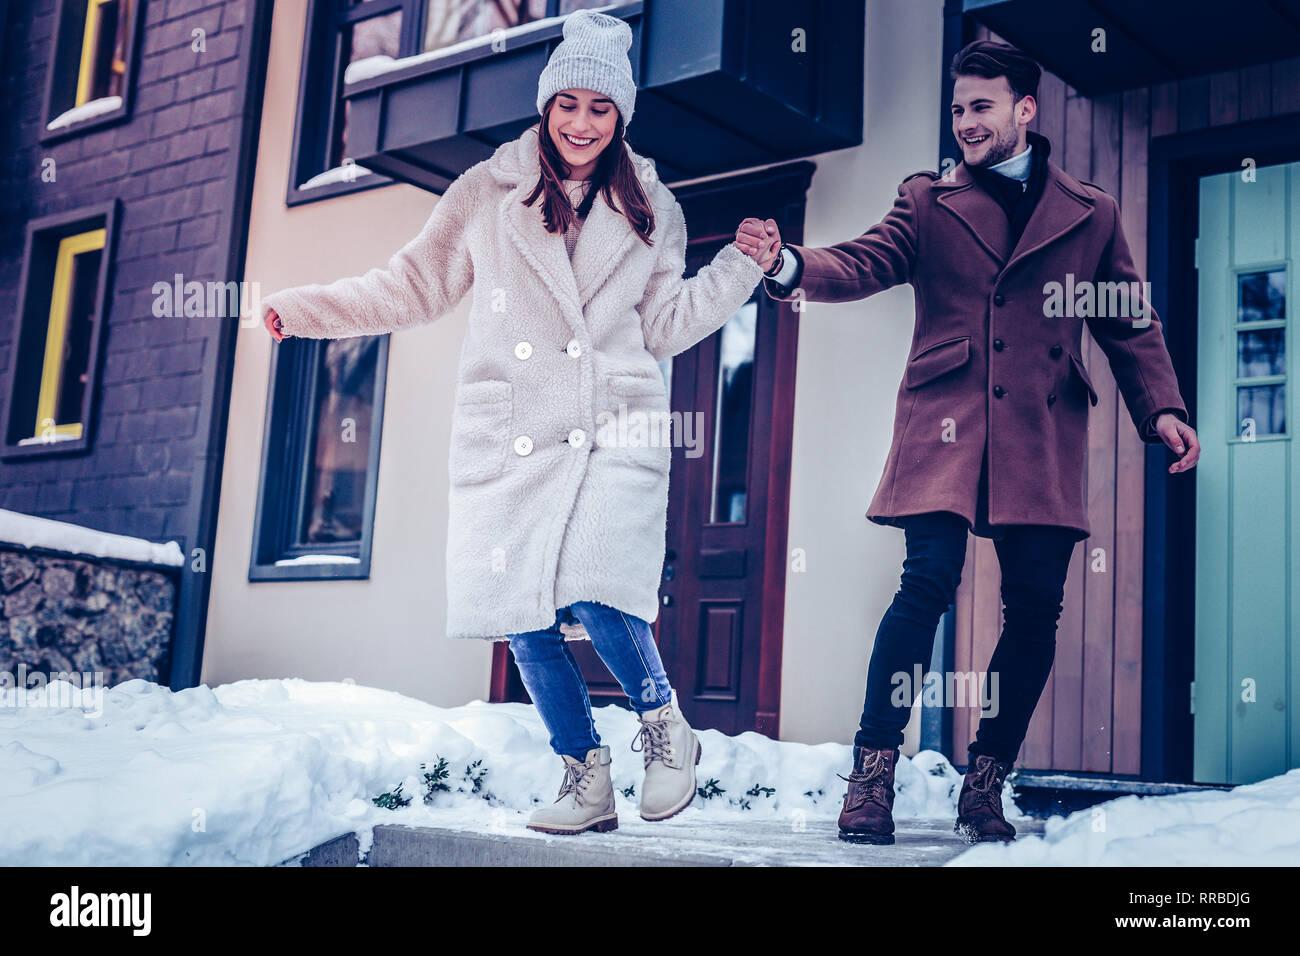 Hombre sujetando la mano de su esposa caminando en terrenos resbaladizos. Imagen De Stock